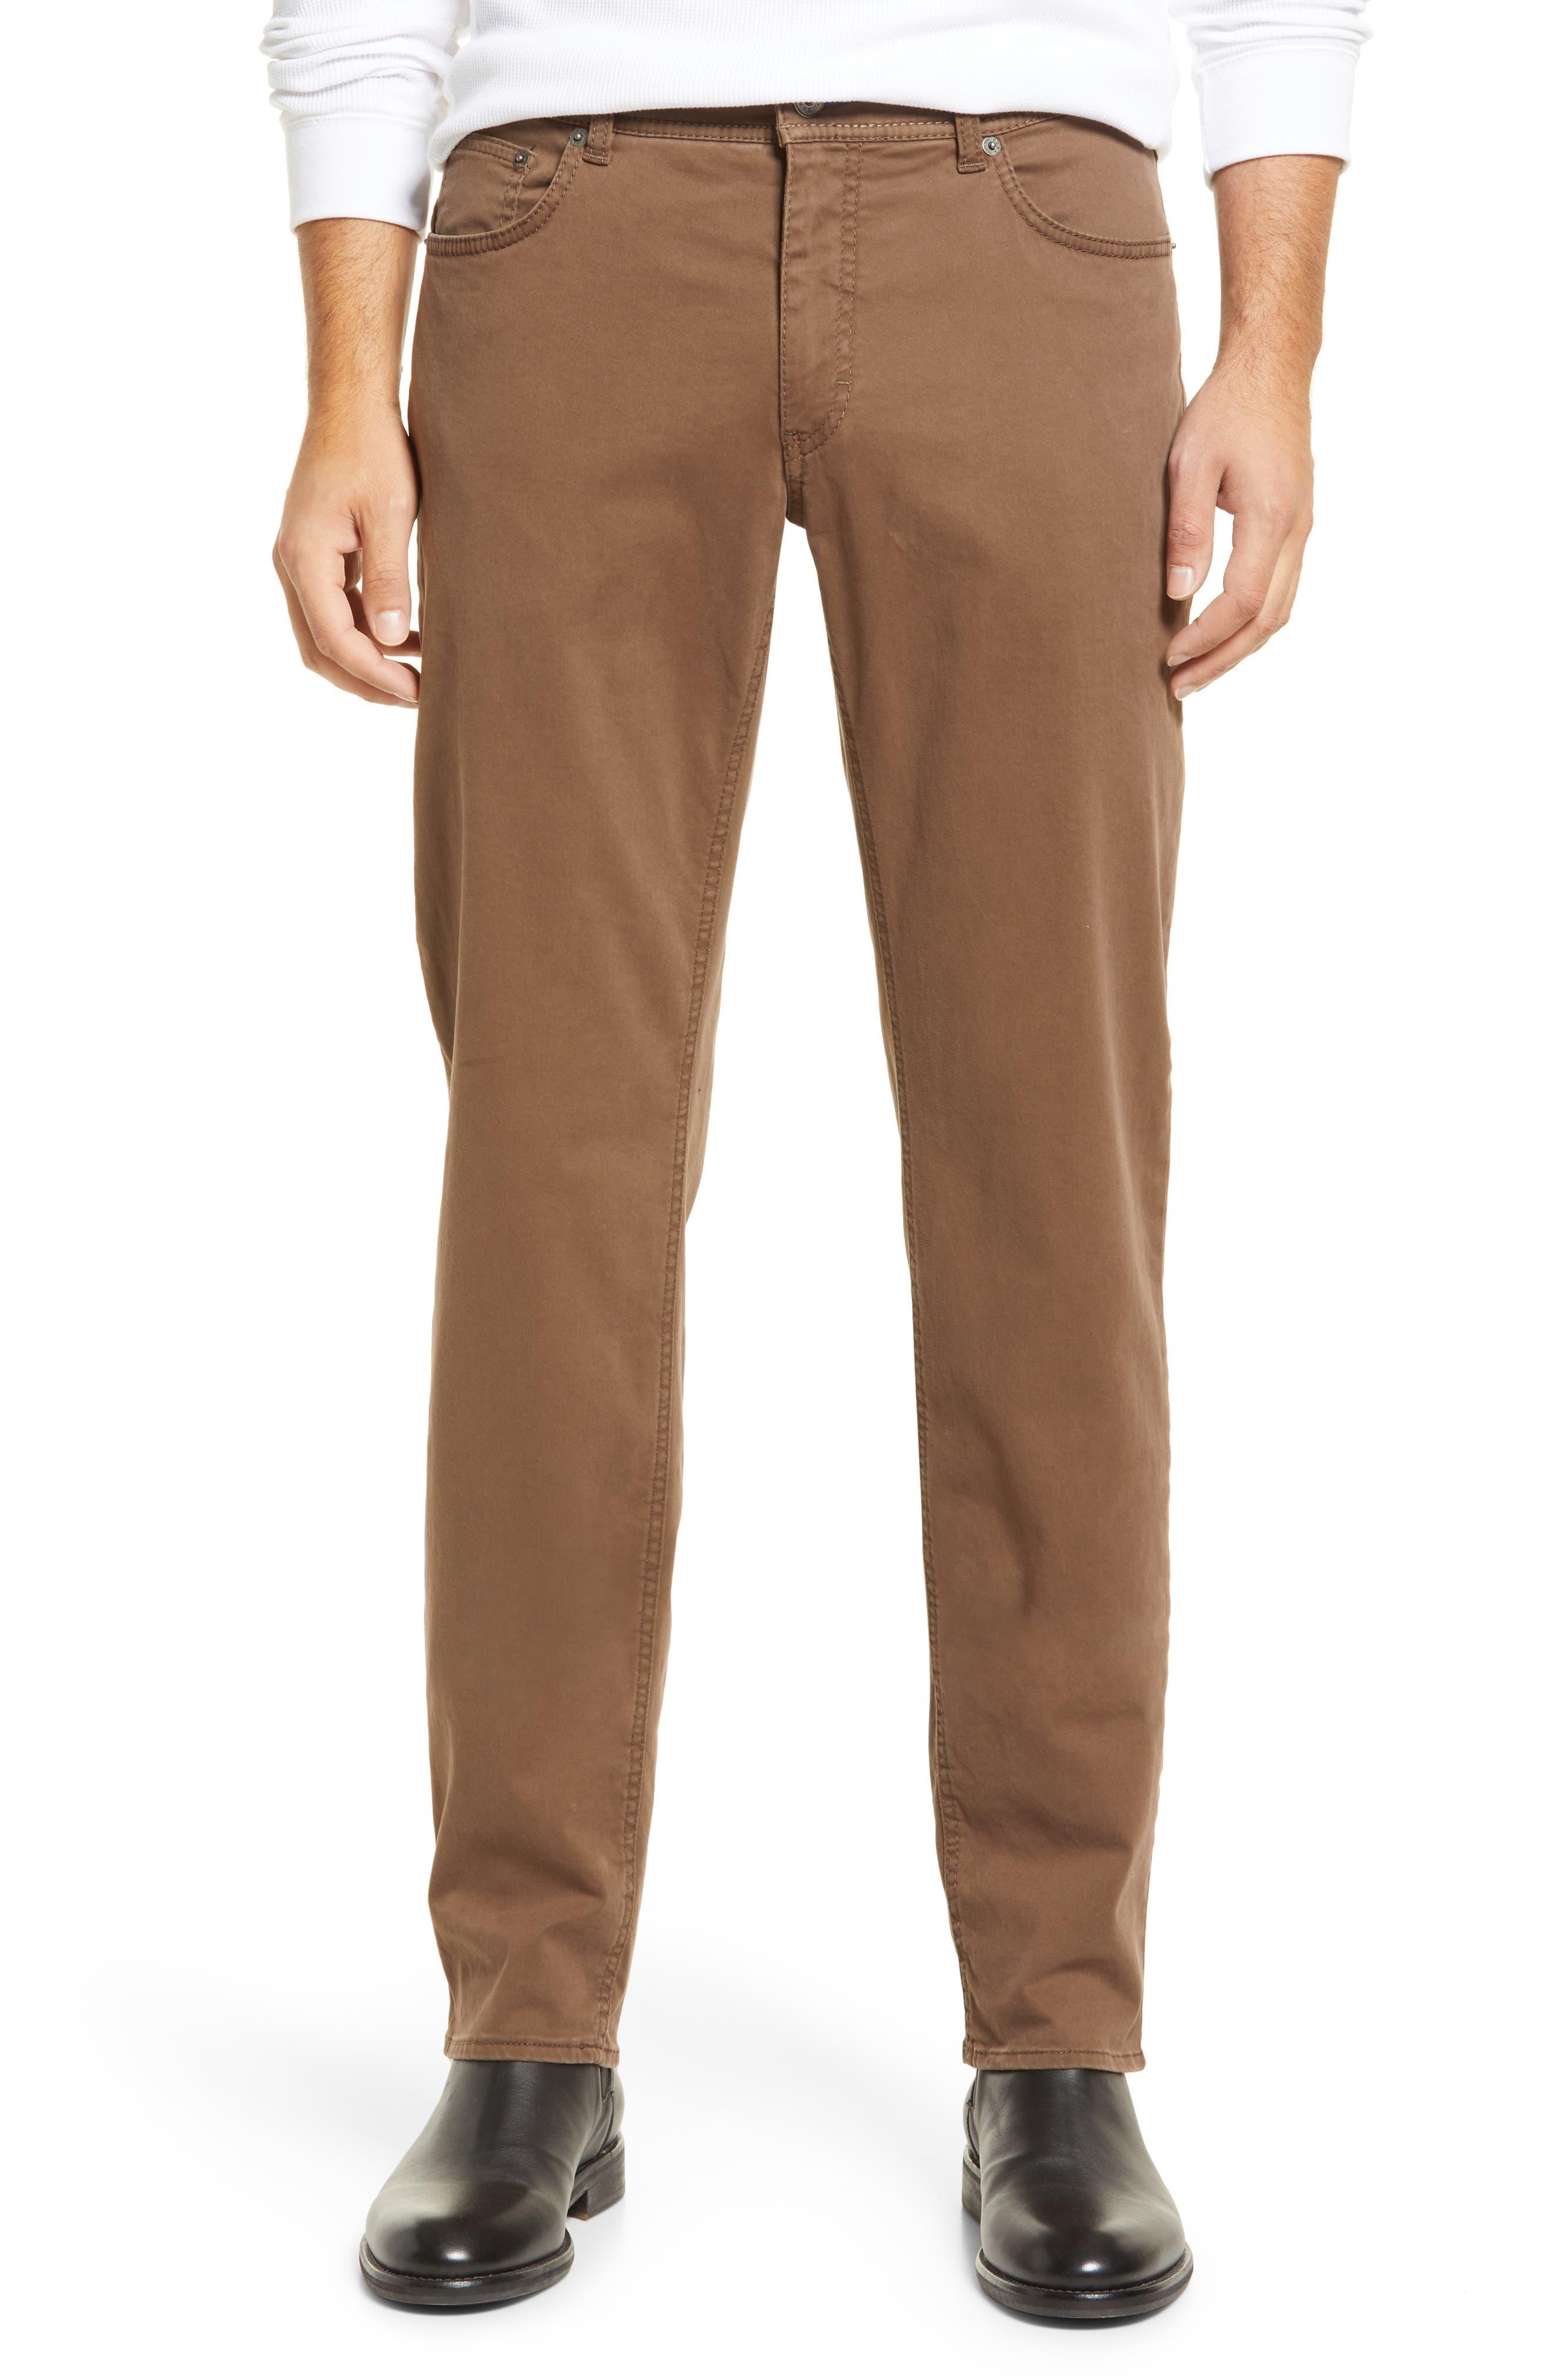 Cooper Fancy Five Pocket Stretch Cotton Pants